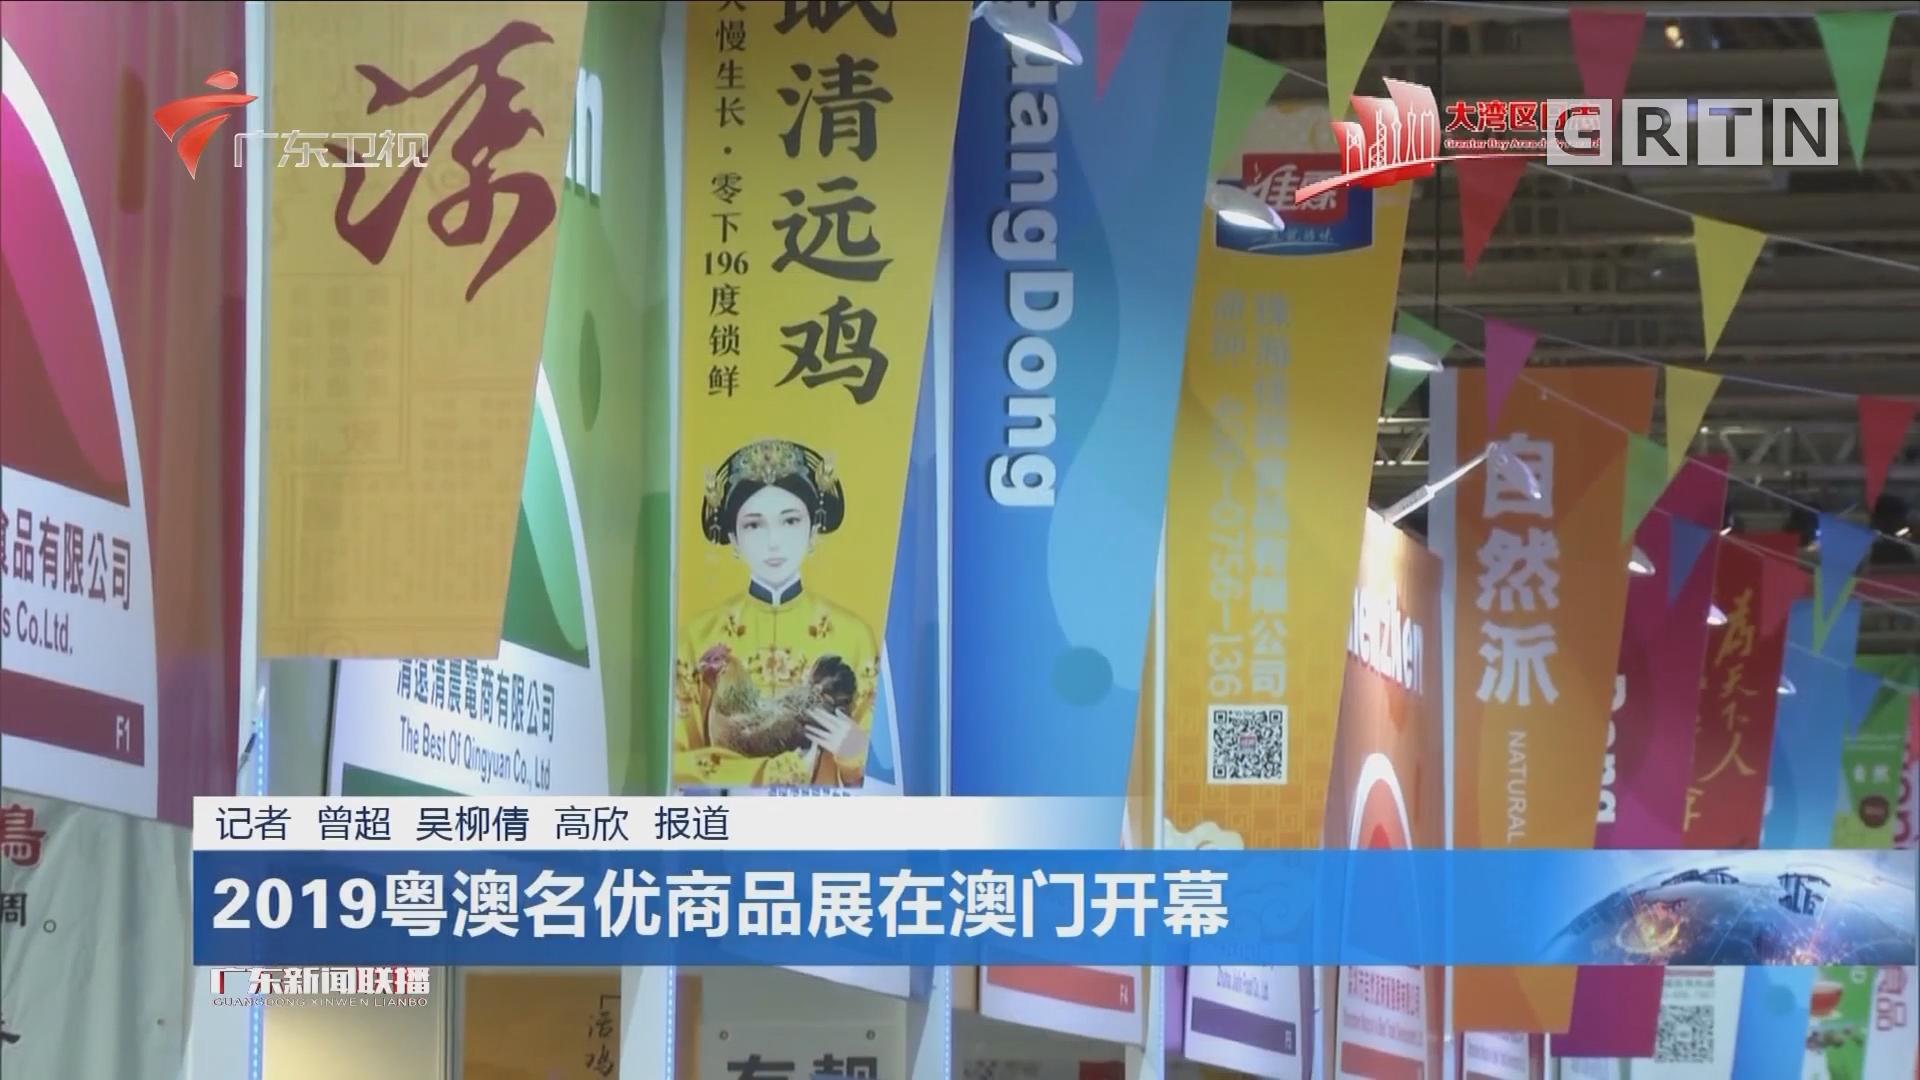 2019粤澳名优商品展在澳门开幕